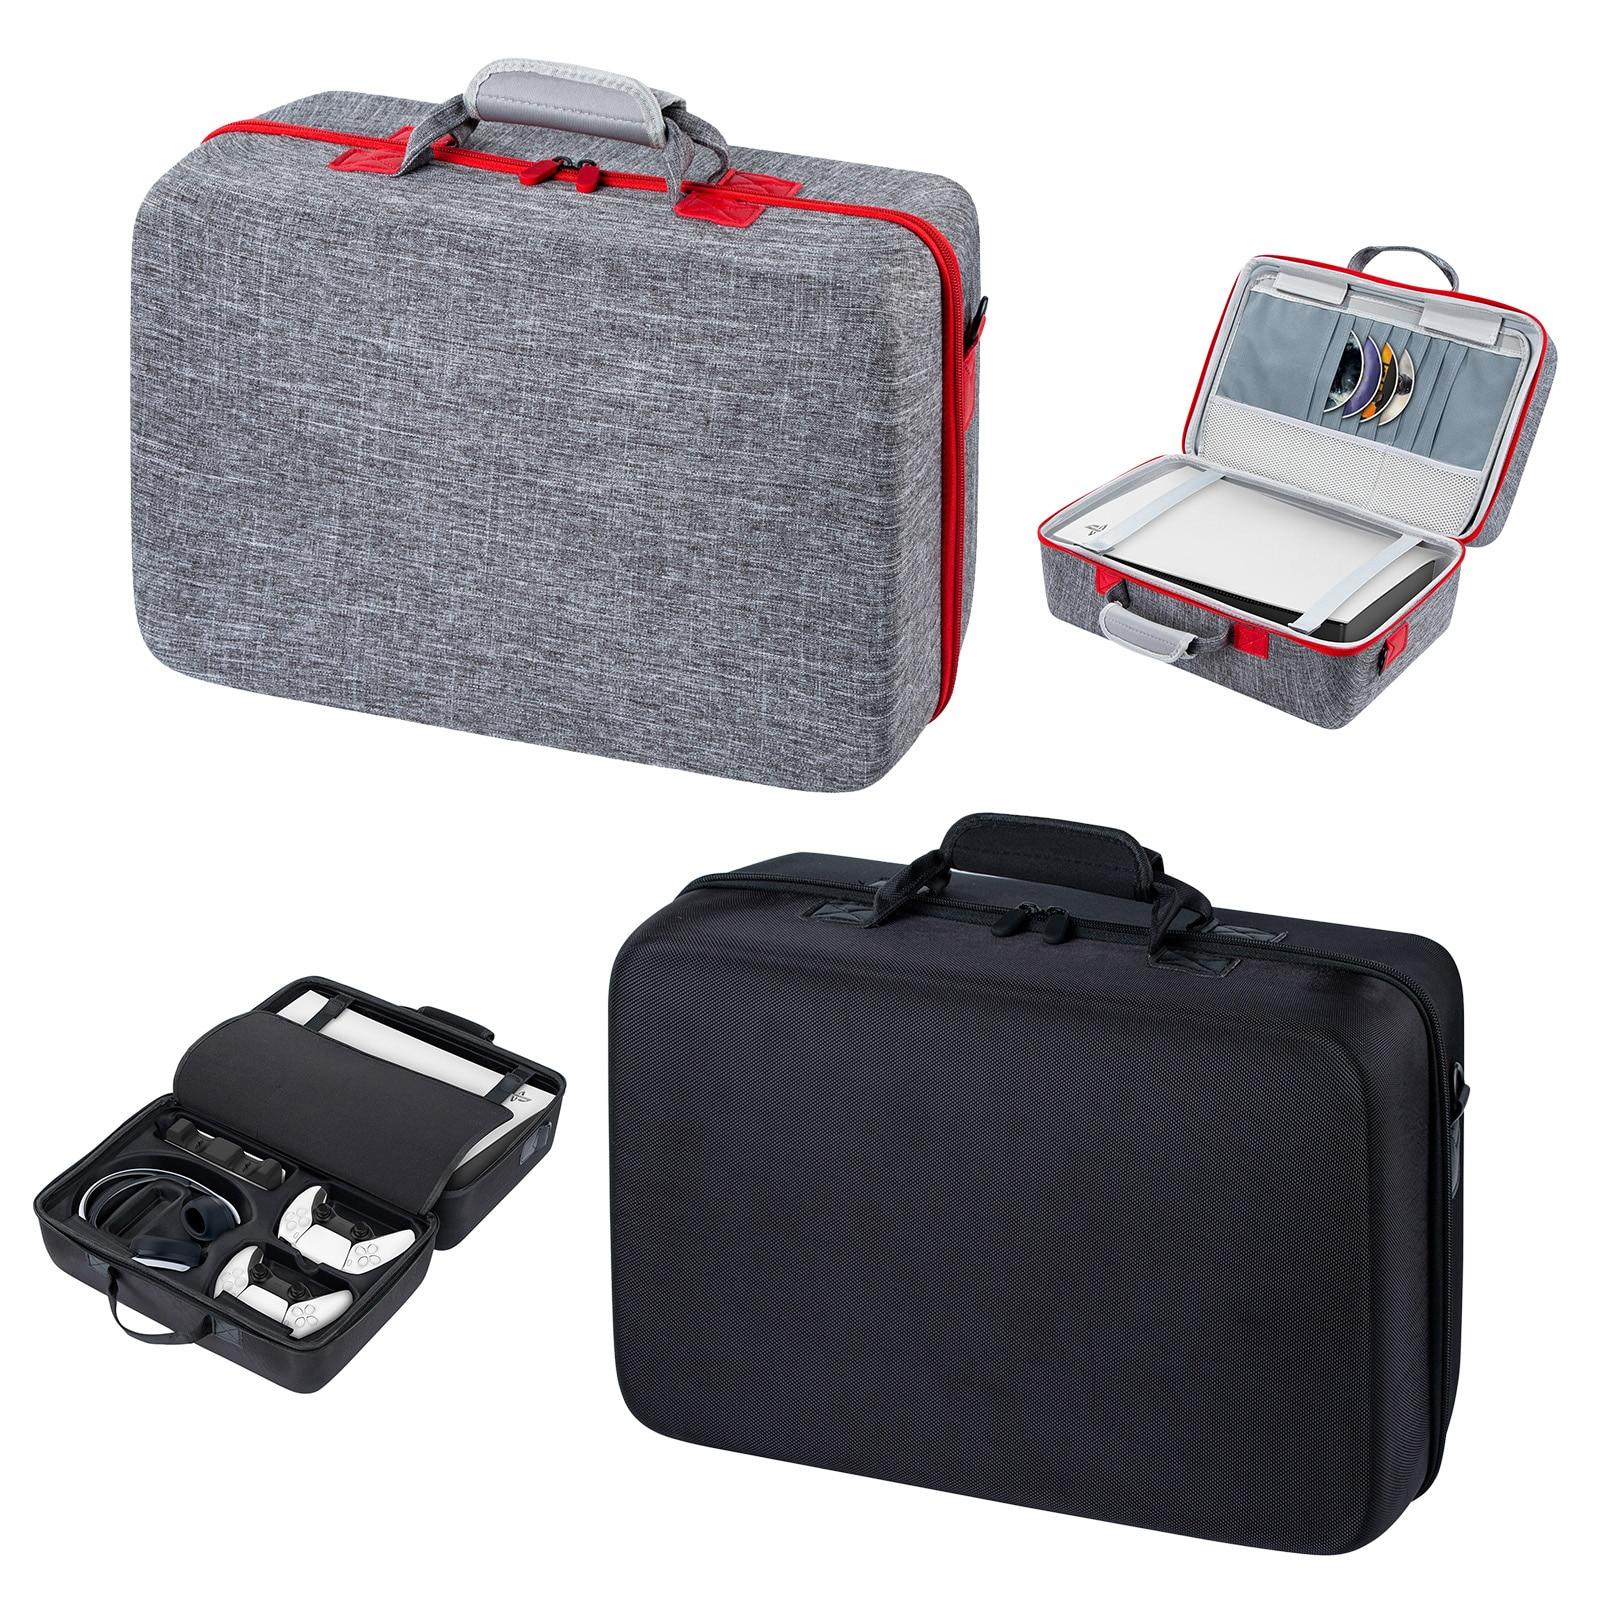 حقيبة التخزين السفر تنطبق على الملحقات PS5 وحدة التحكم واقية حقيبة مقبض الفاخرة تنطبق على حقيبة حمل السفر سوني